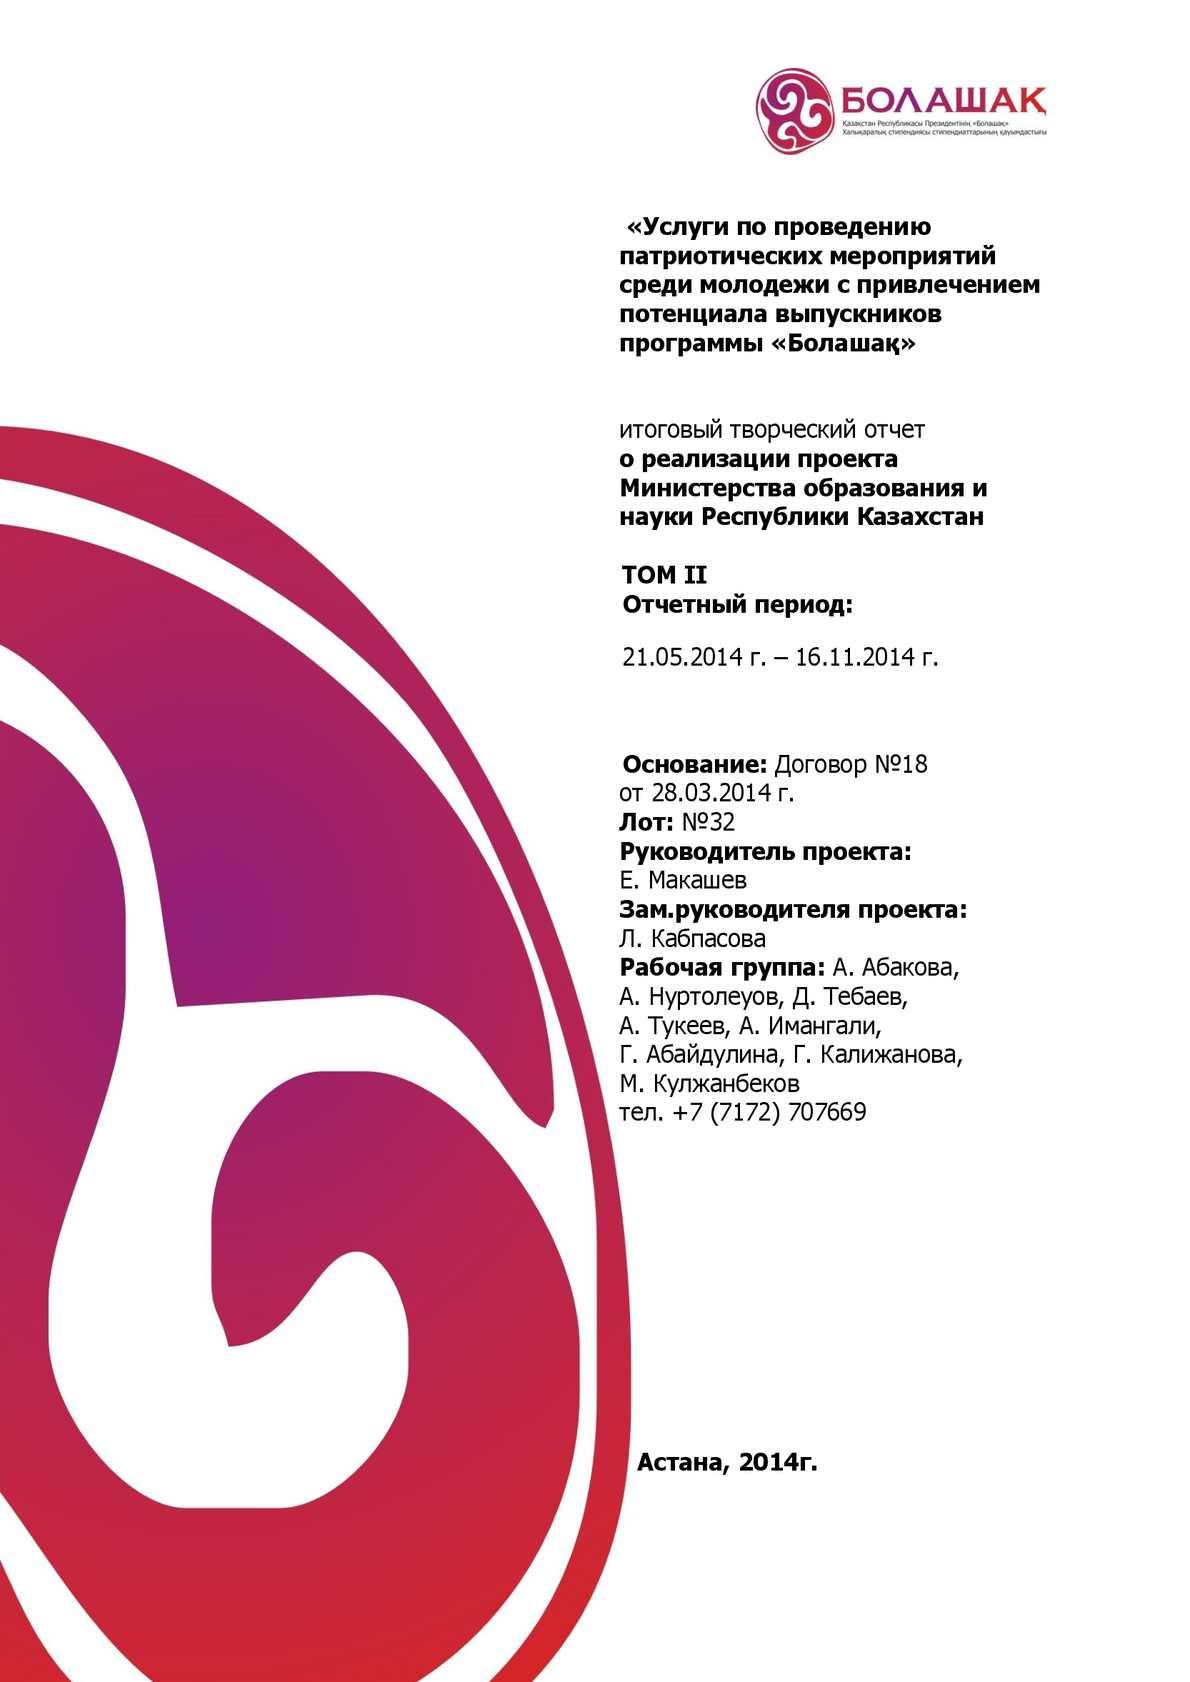 бланк сертификата качества асбестоцементных труб